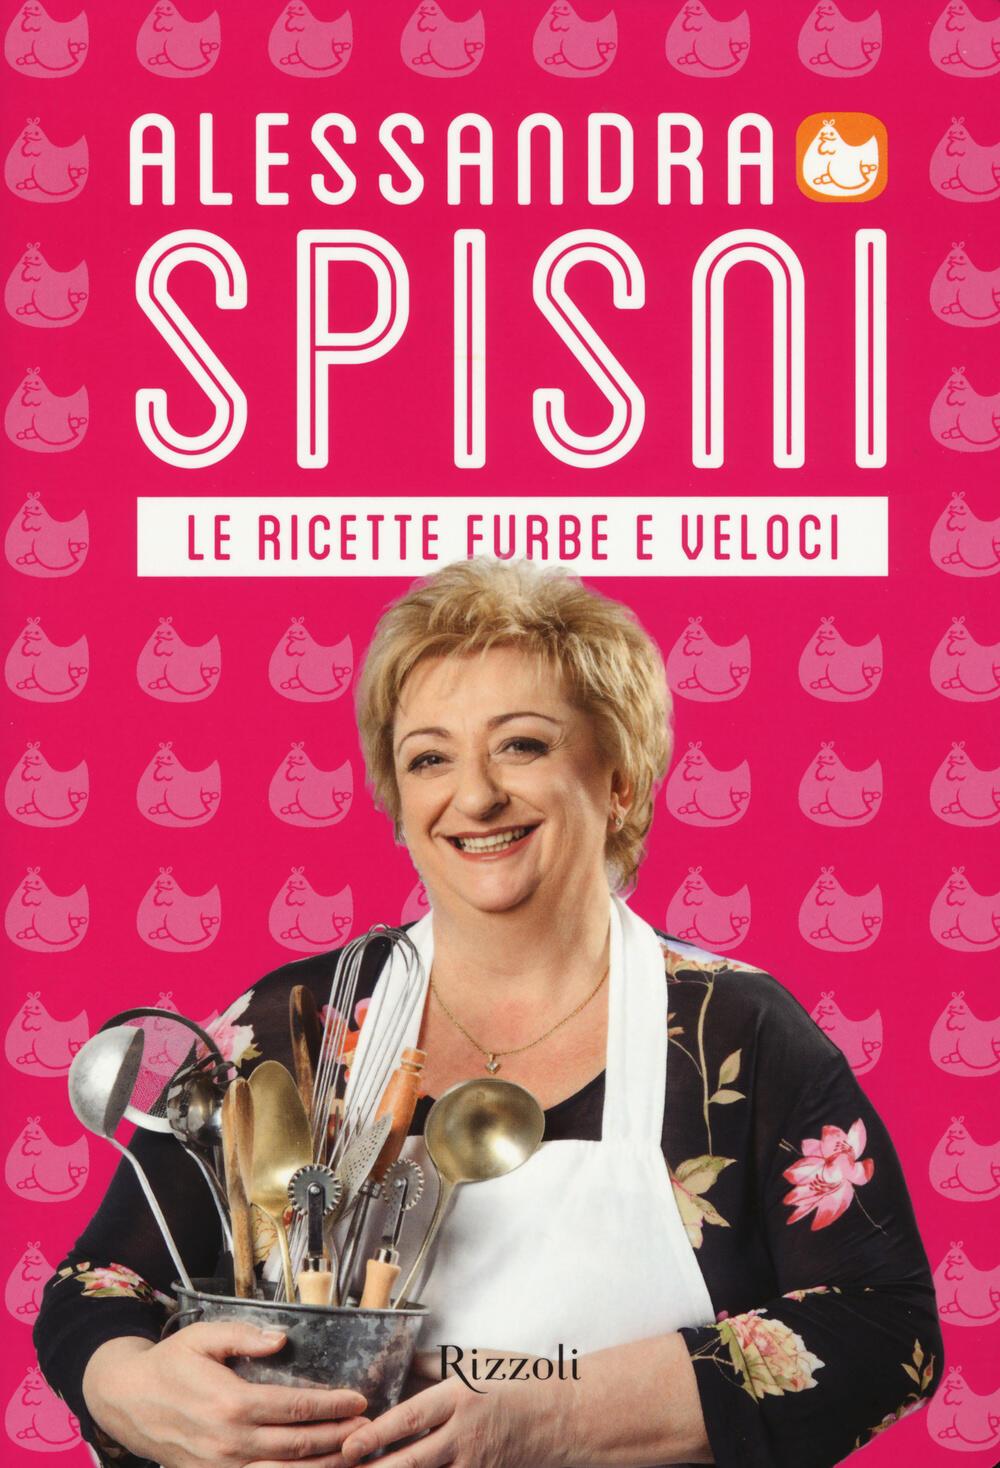 Le ricette furbe e veloci - Alessandra Spisni - Libro - Rizzoli ...